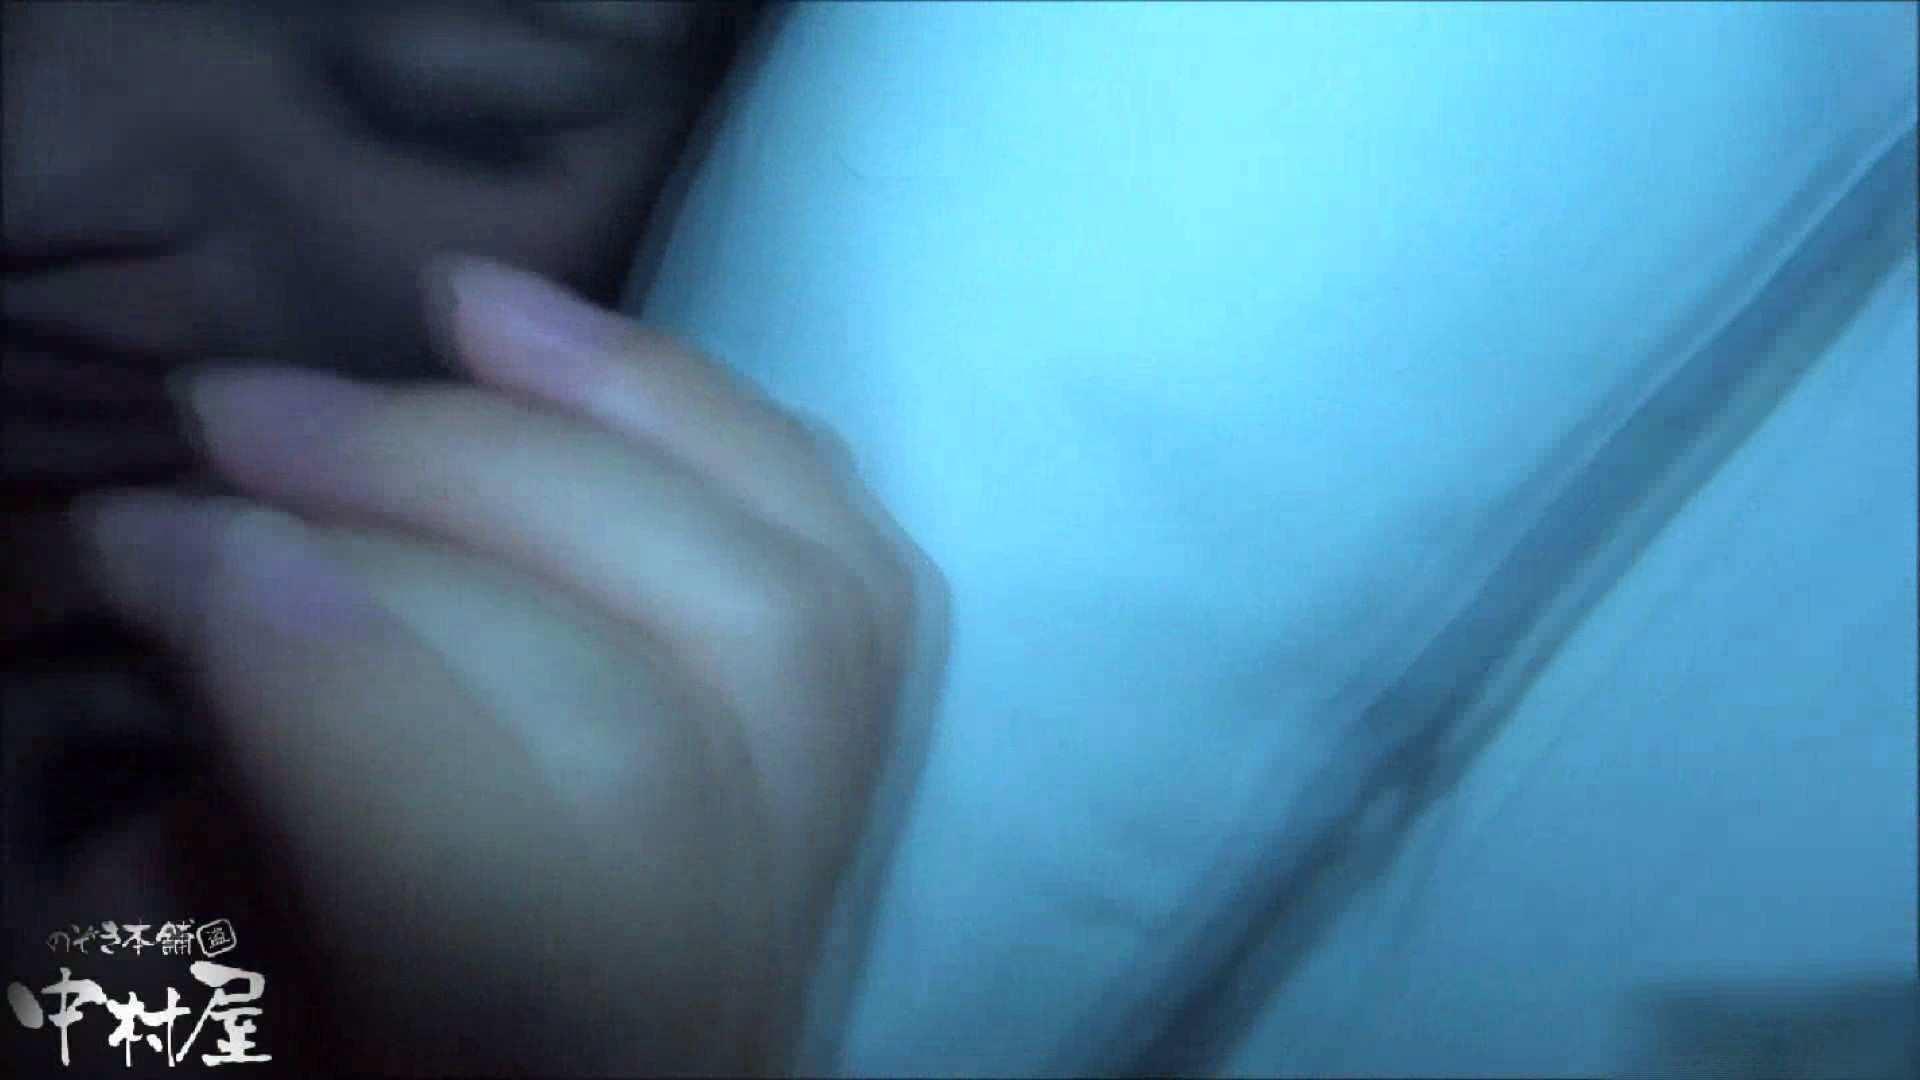 無修正エロ動画|二人とも育てた甲斐がありました…vol.73【営業のオンナ】2穴解放・・・おまけ付き後編|のぞき本舗 中村屋